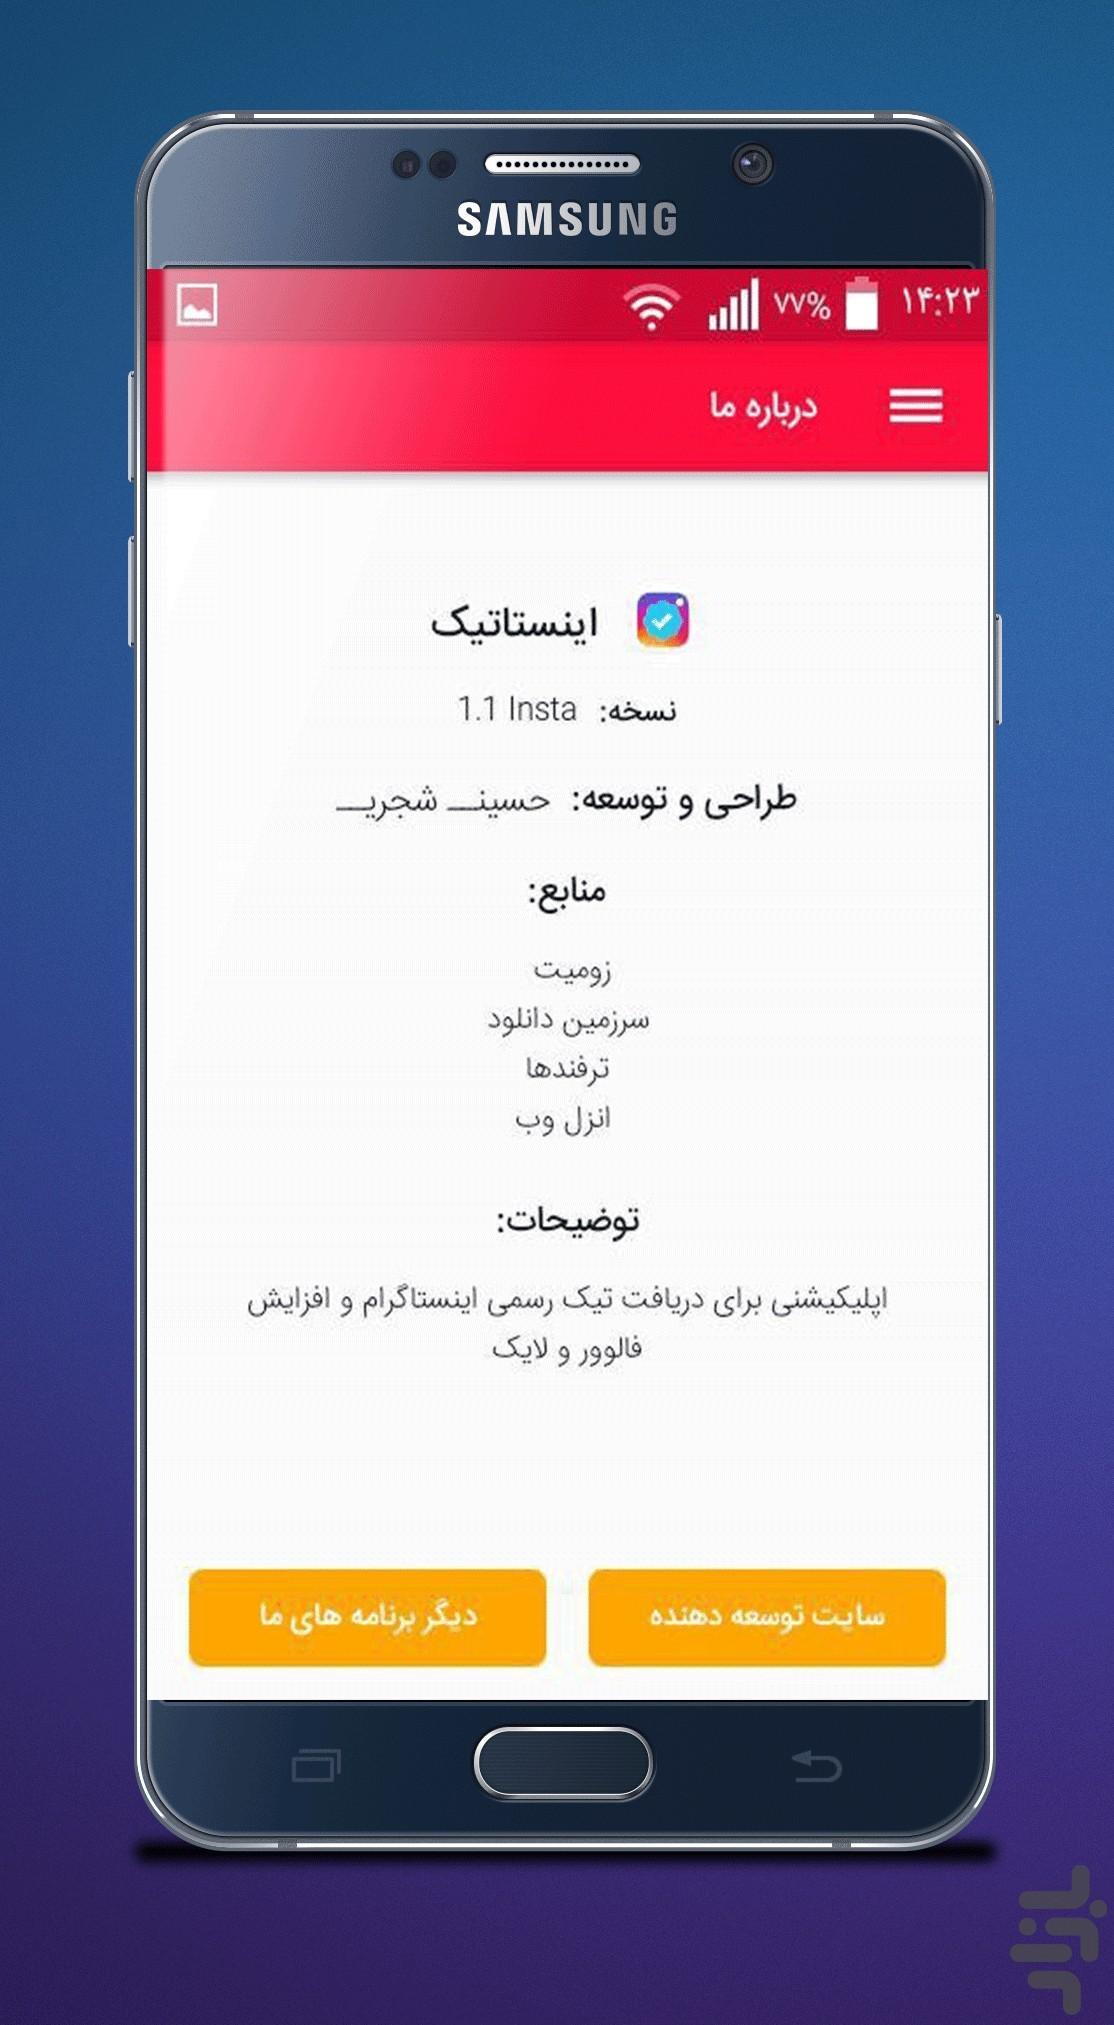 دانلود اموجی تیک آبی Скачать تیک ابی اینستاگرام   فالوور بگیر APK 3.0 для Андроид - другое скачать бесплатно.